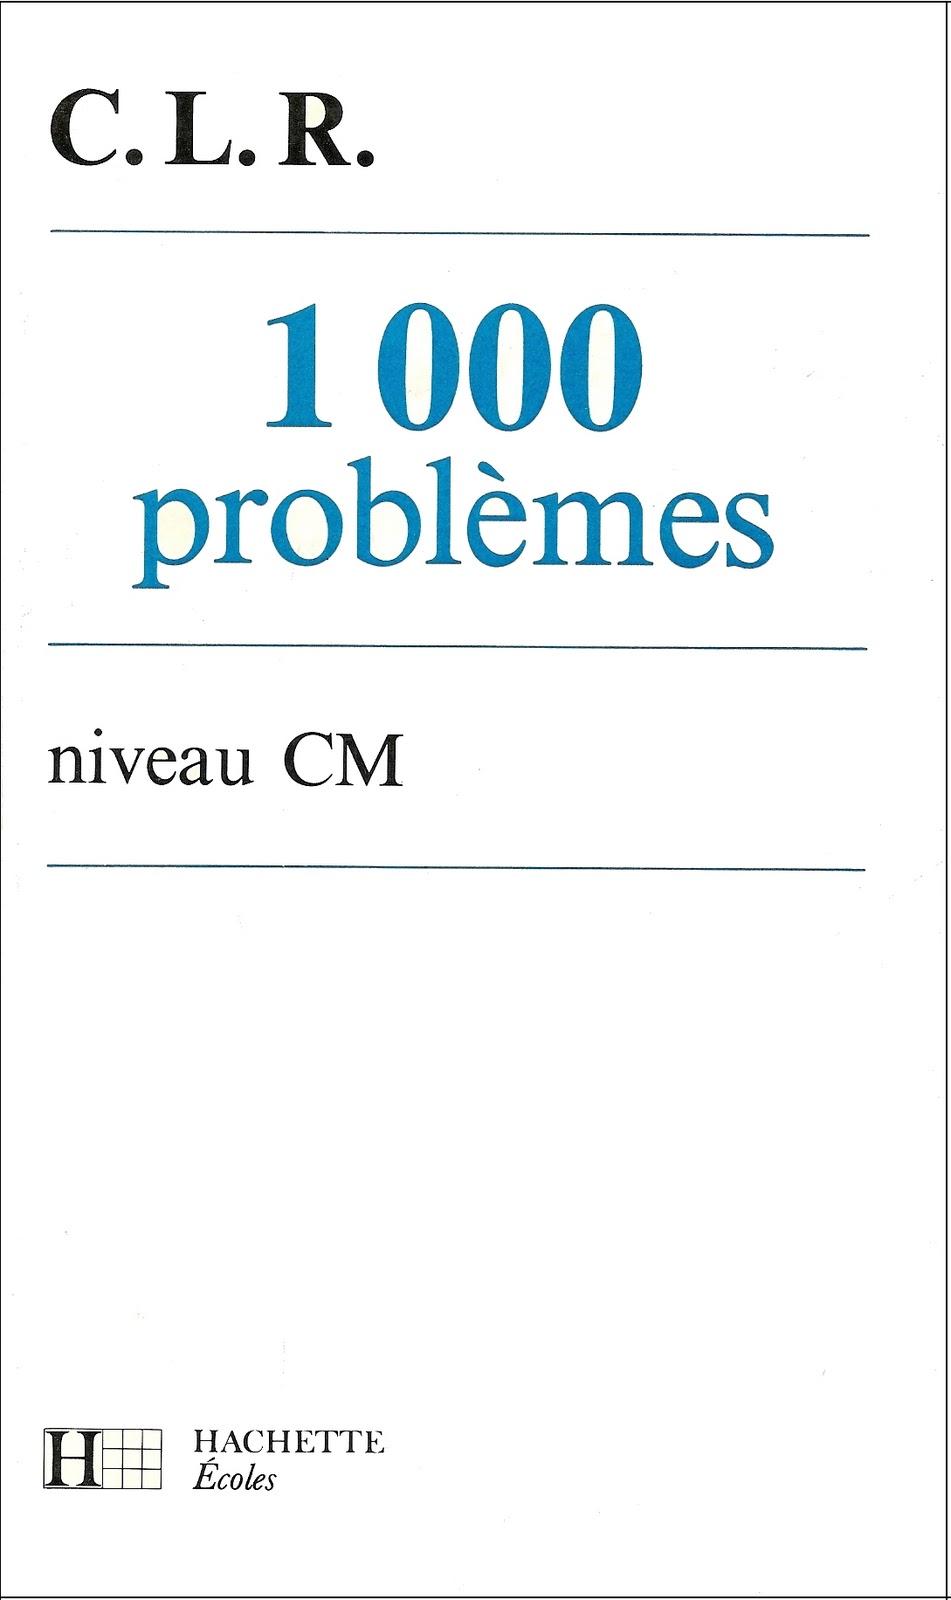 1000 Images About Spa: école : Références: 1000 Problèmes, Niveau CM (C.L.R., 1989